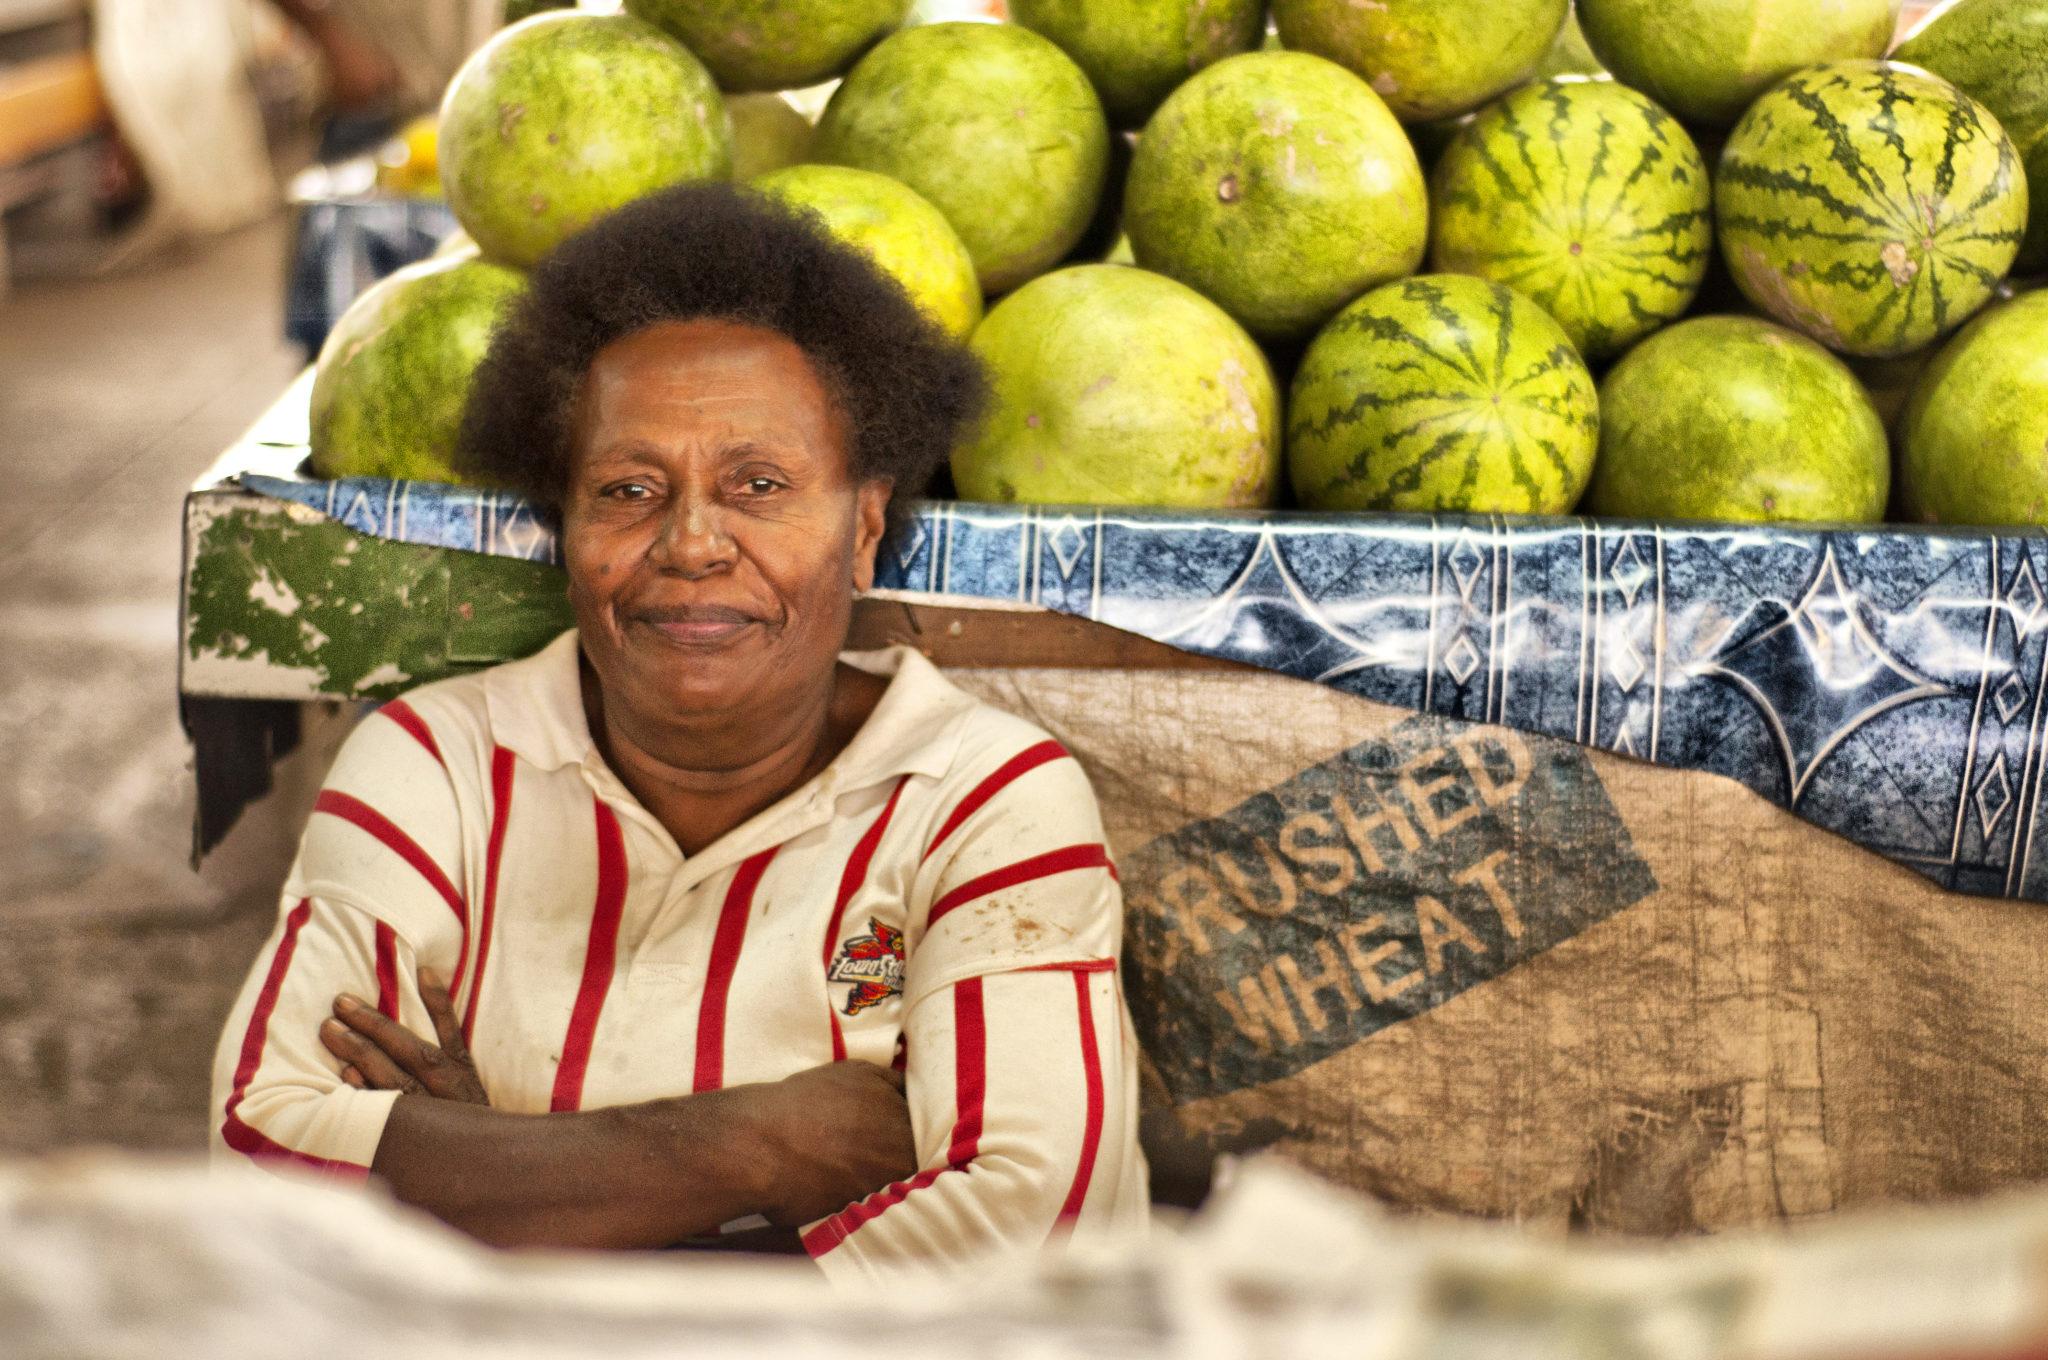 Fidschi-Inseln-Frau-Wassermelonen